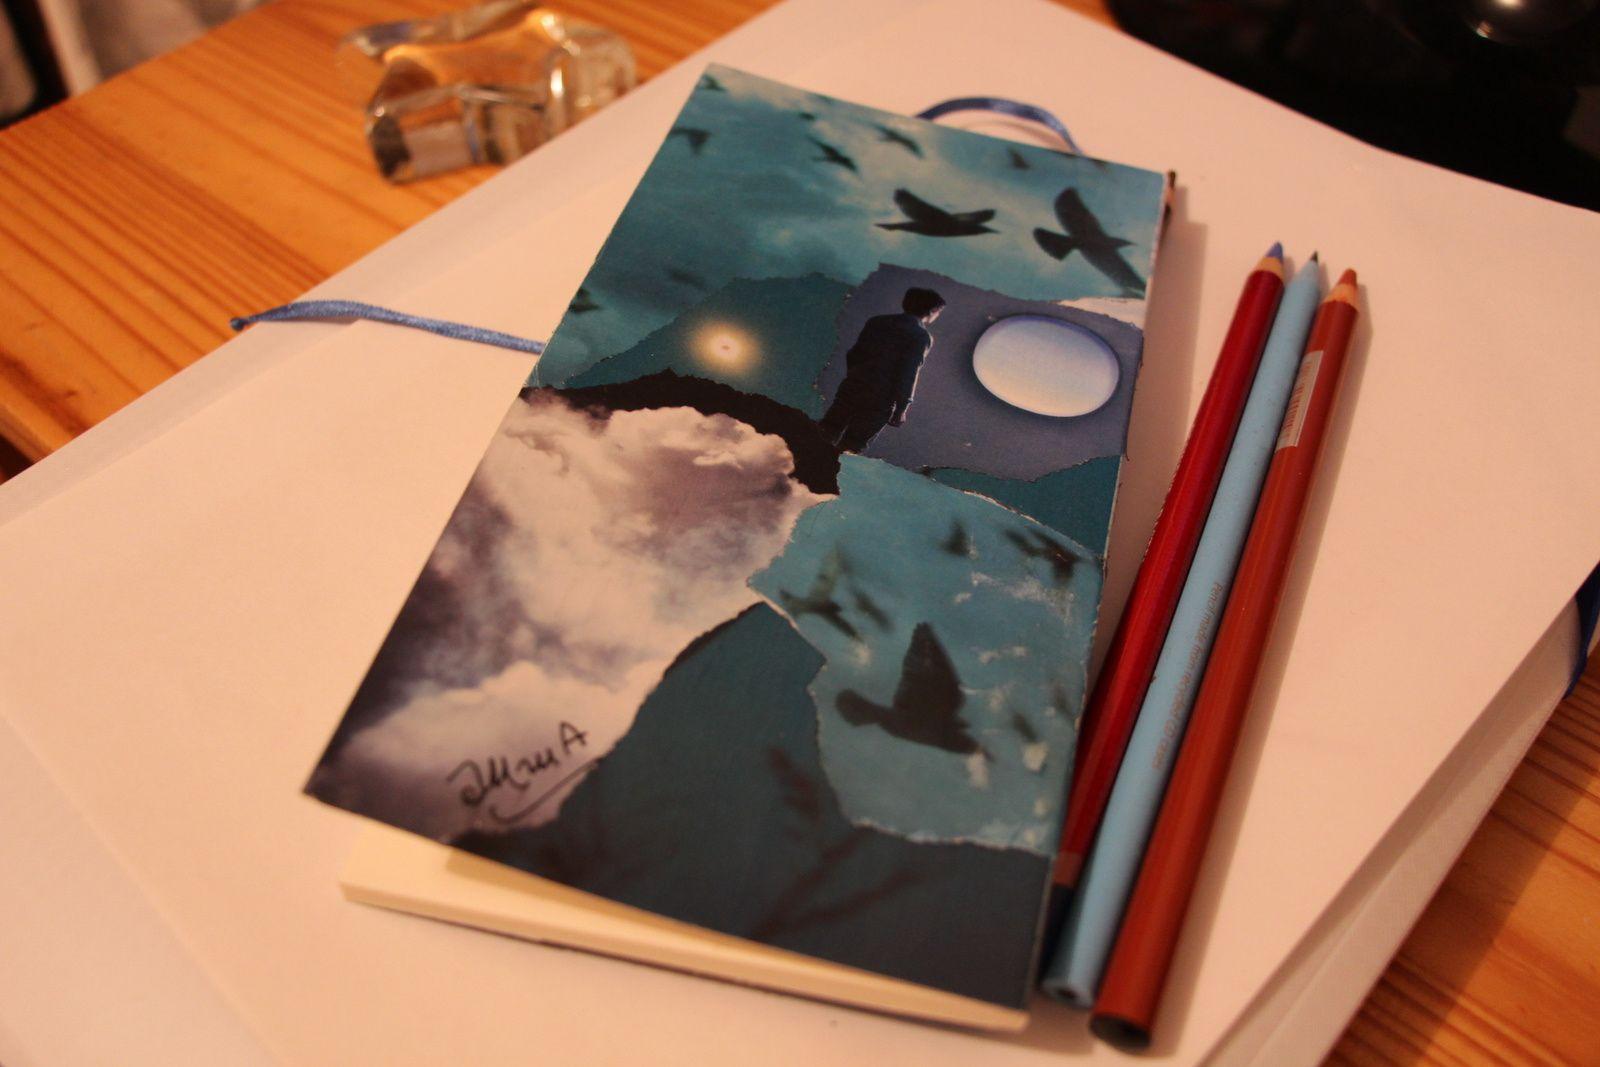 Les Collages d'eMmA MessanA, petit carnet, pièce unique © eMmA MessanA